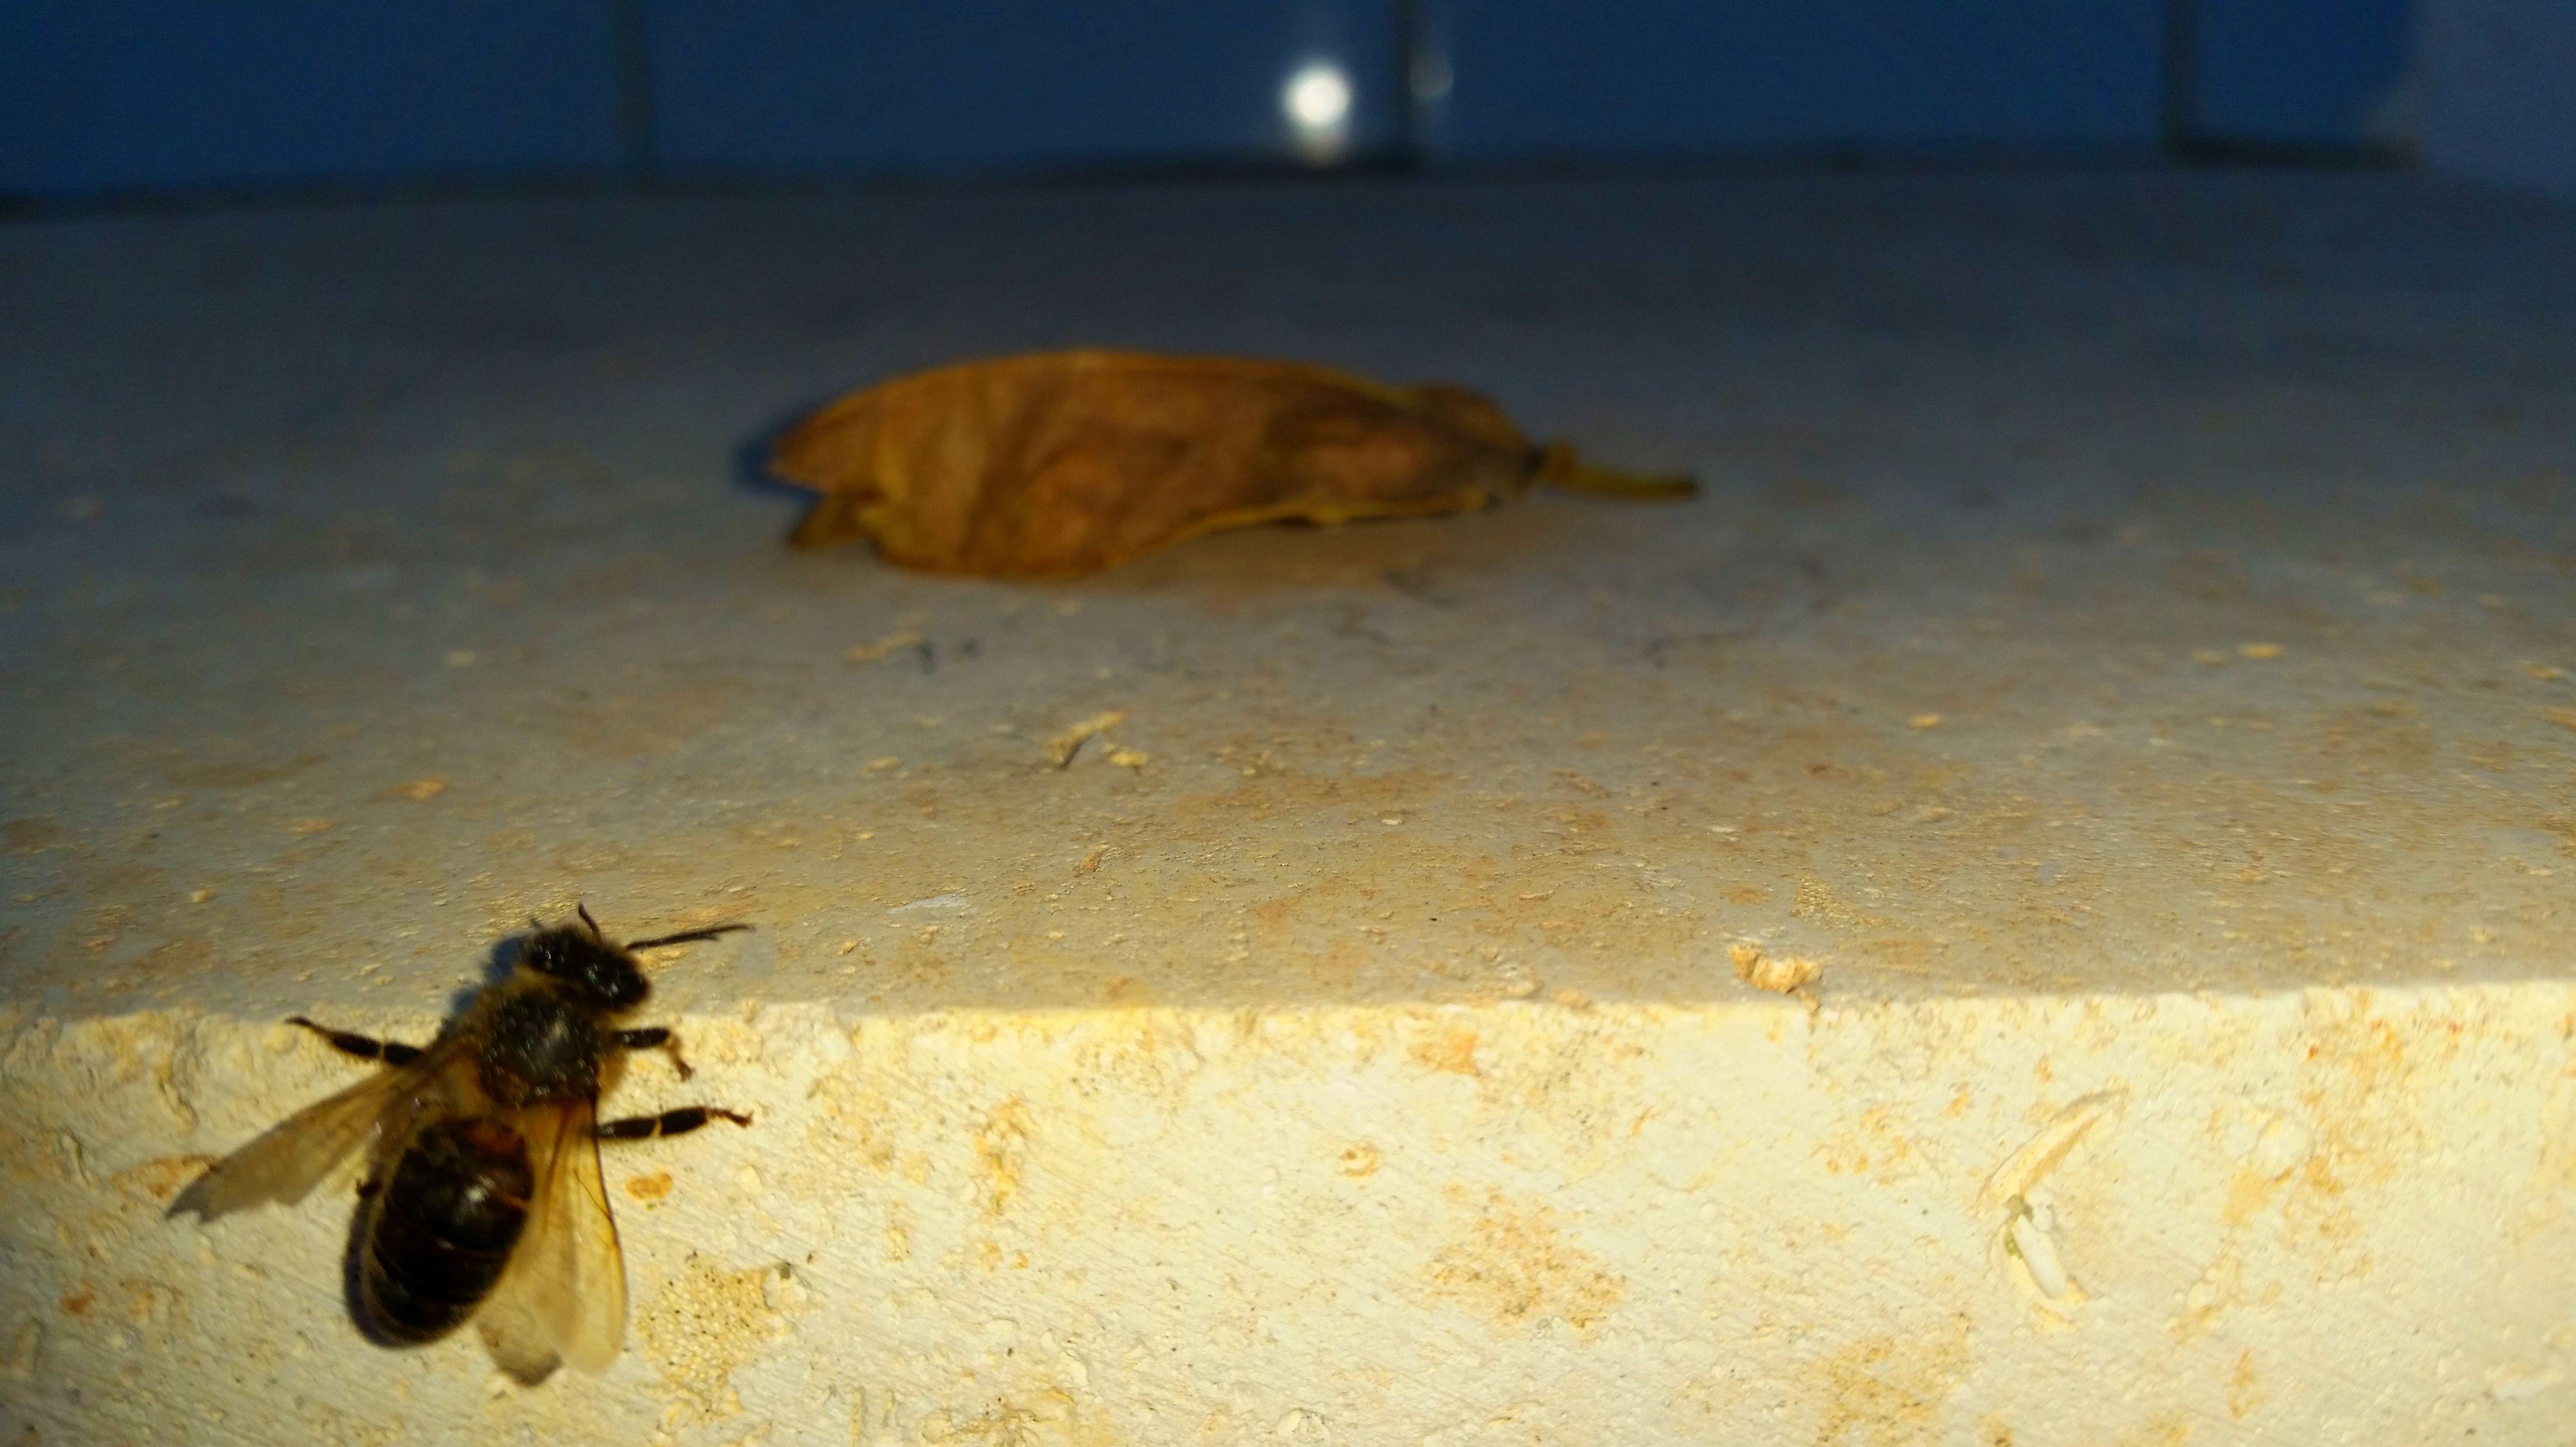 Foto 35 de Desinfección, desinsectación y desratización en Alaquàs | Ecoserra